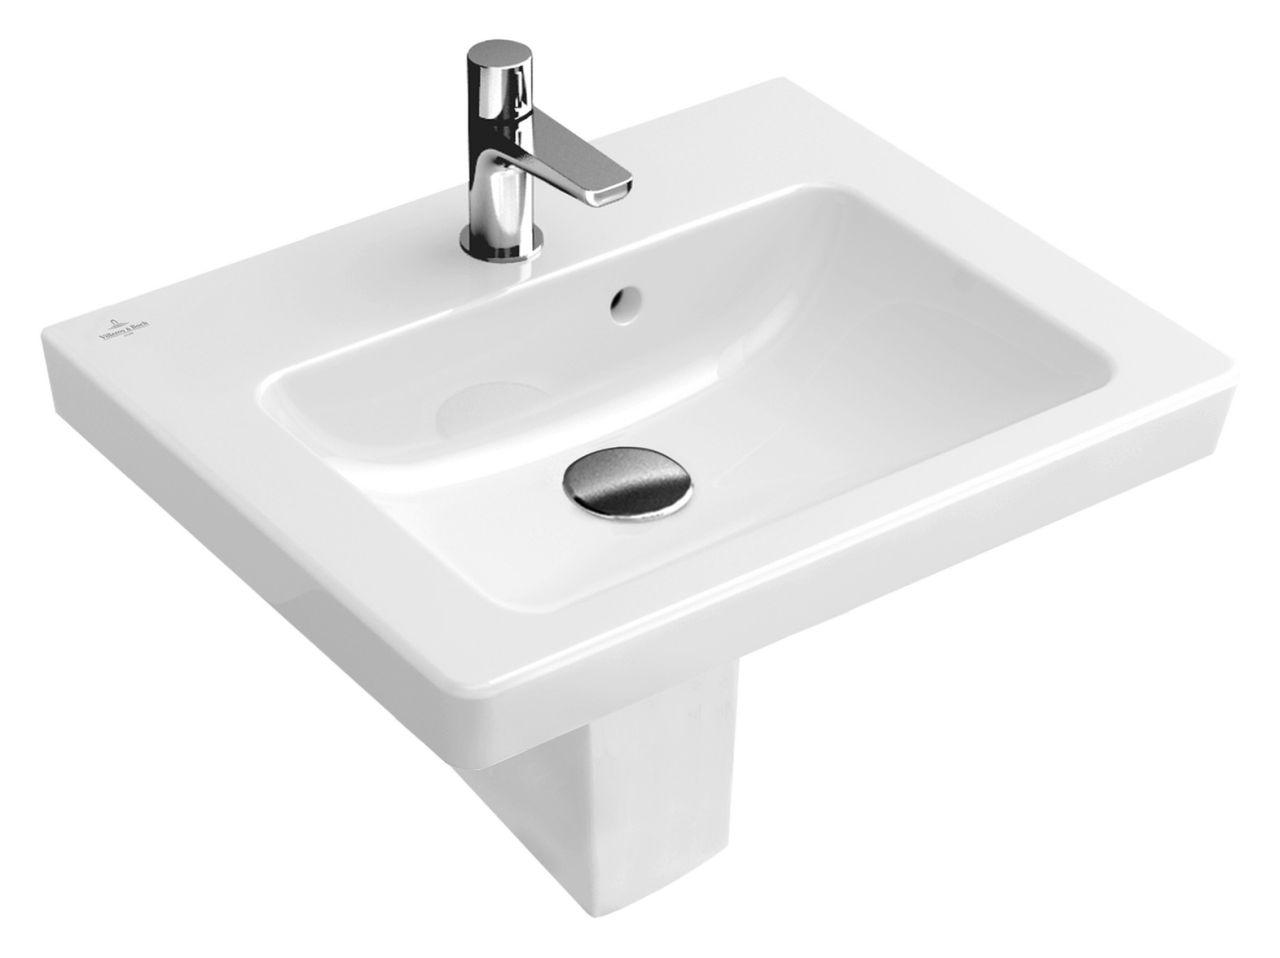 Villeroy & Boch Subway 2.0 Handwaschbecken B:45xT:37cm 1 Hahnloch mit Überlauf weiß mit Ceramicplus 731545R1